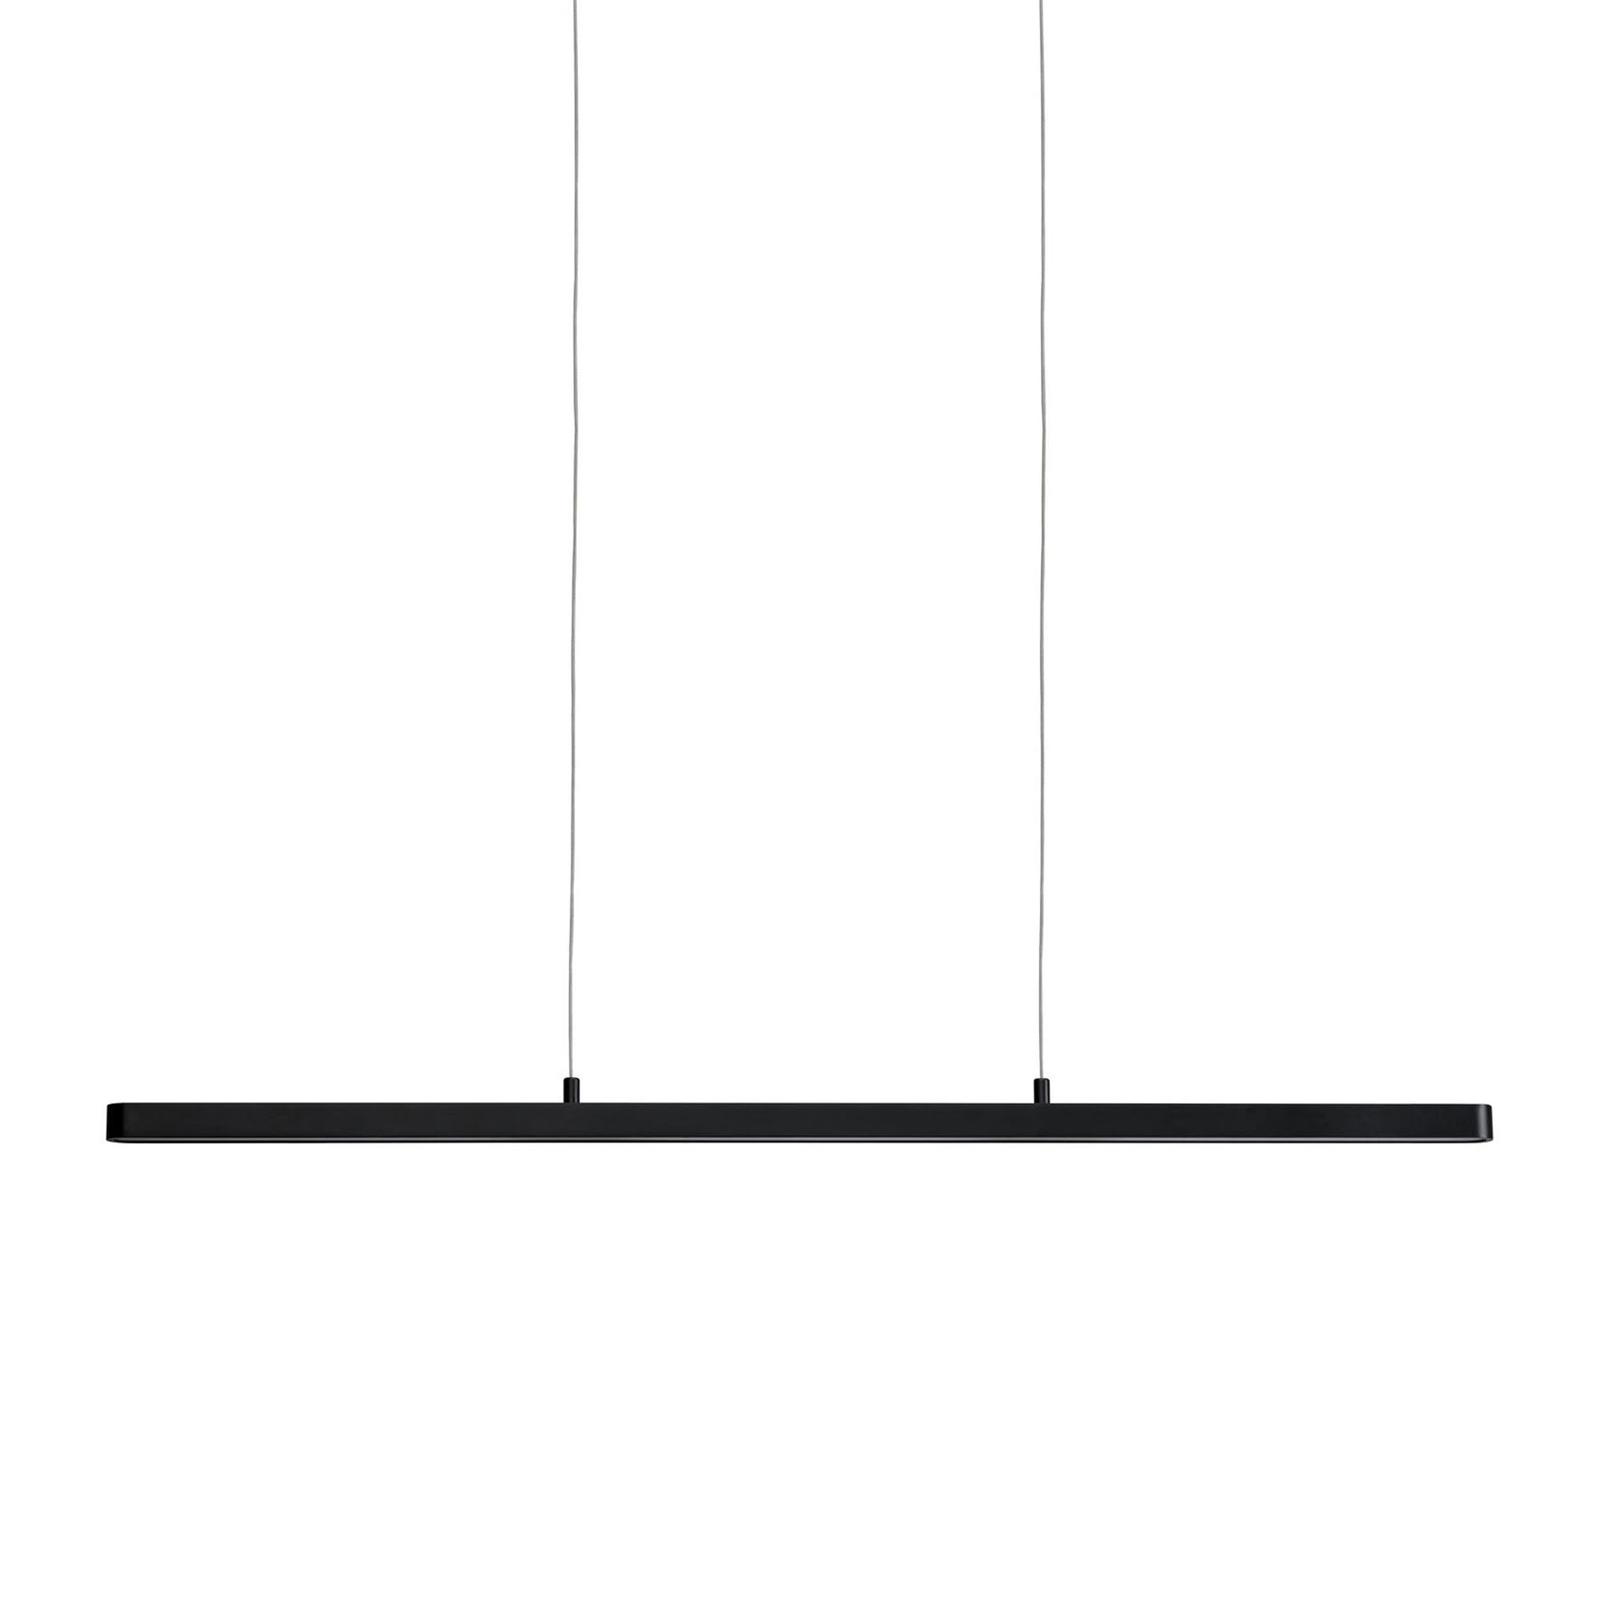 Paulmann Lento LED hanging light, dimmable_7601784_1